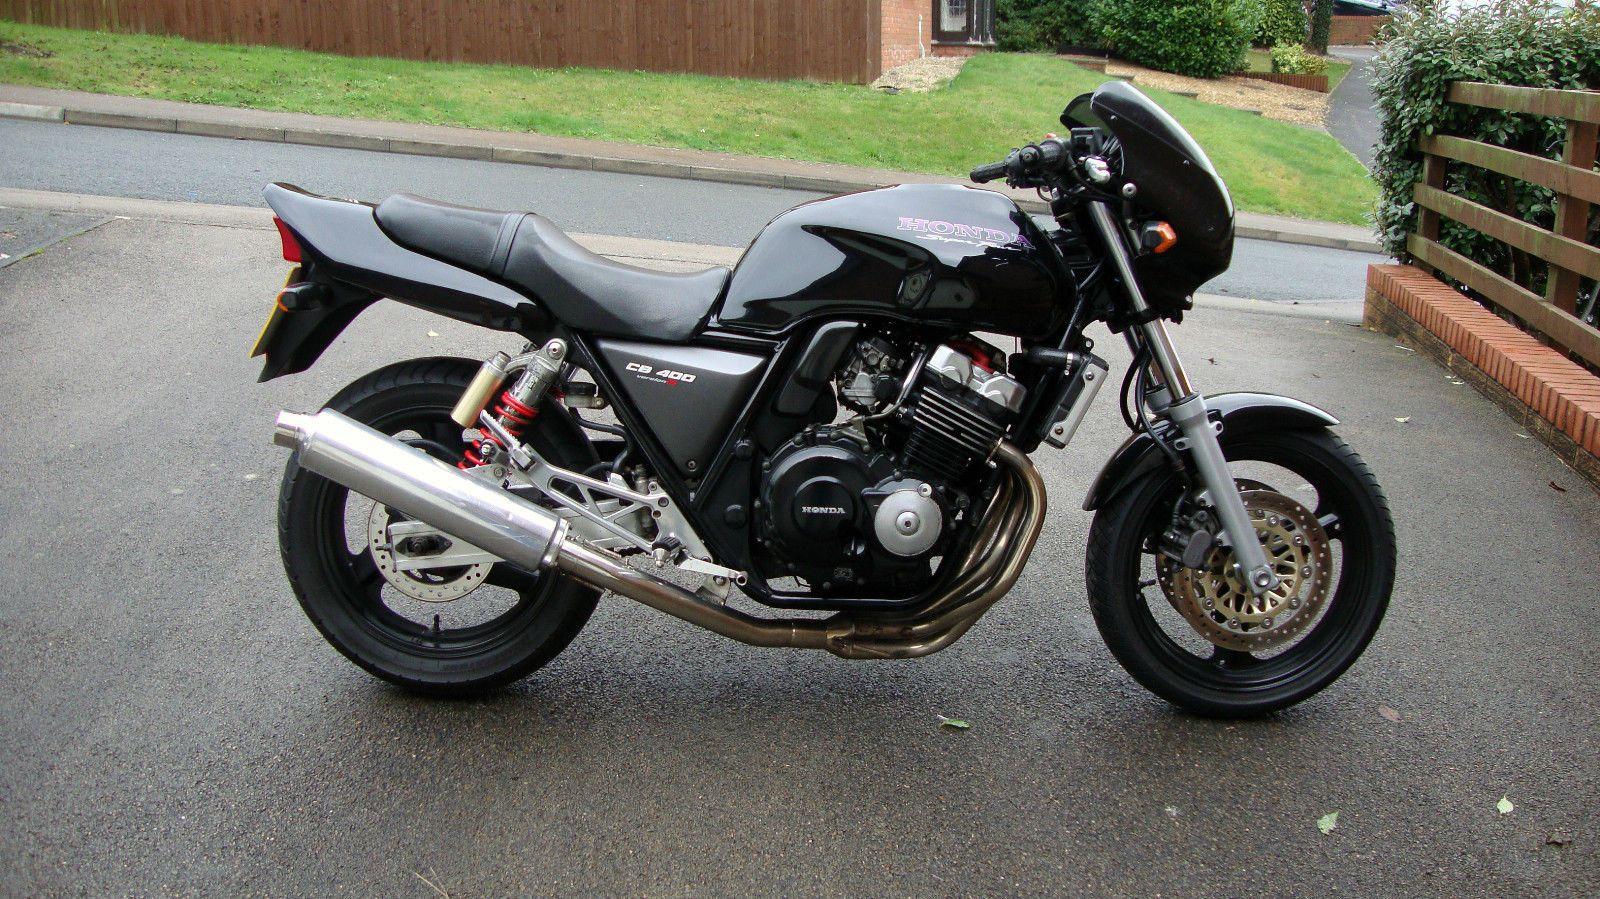 honda cb400sf-r - 1996